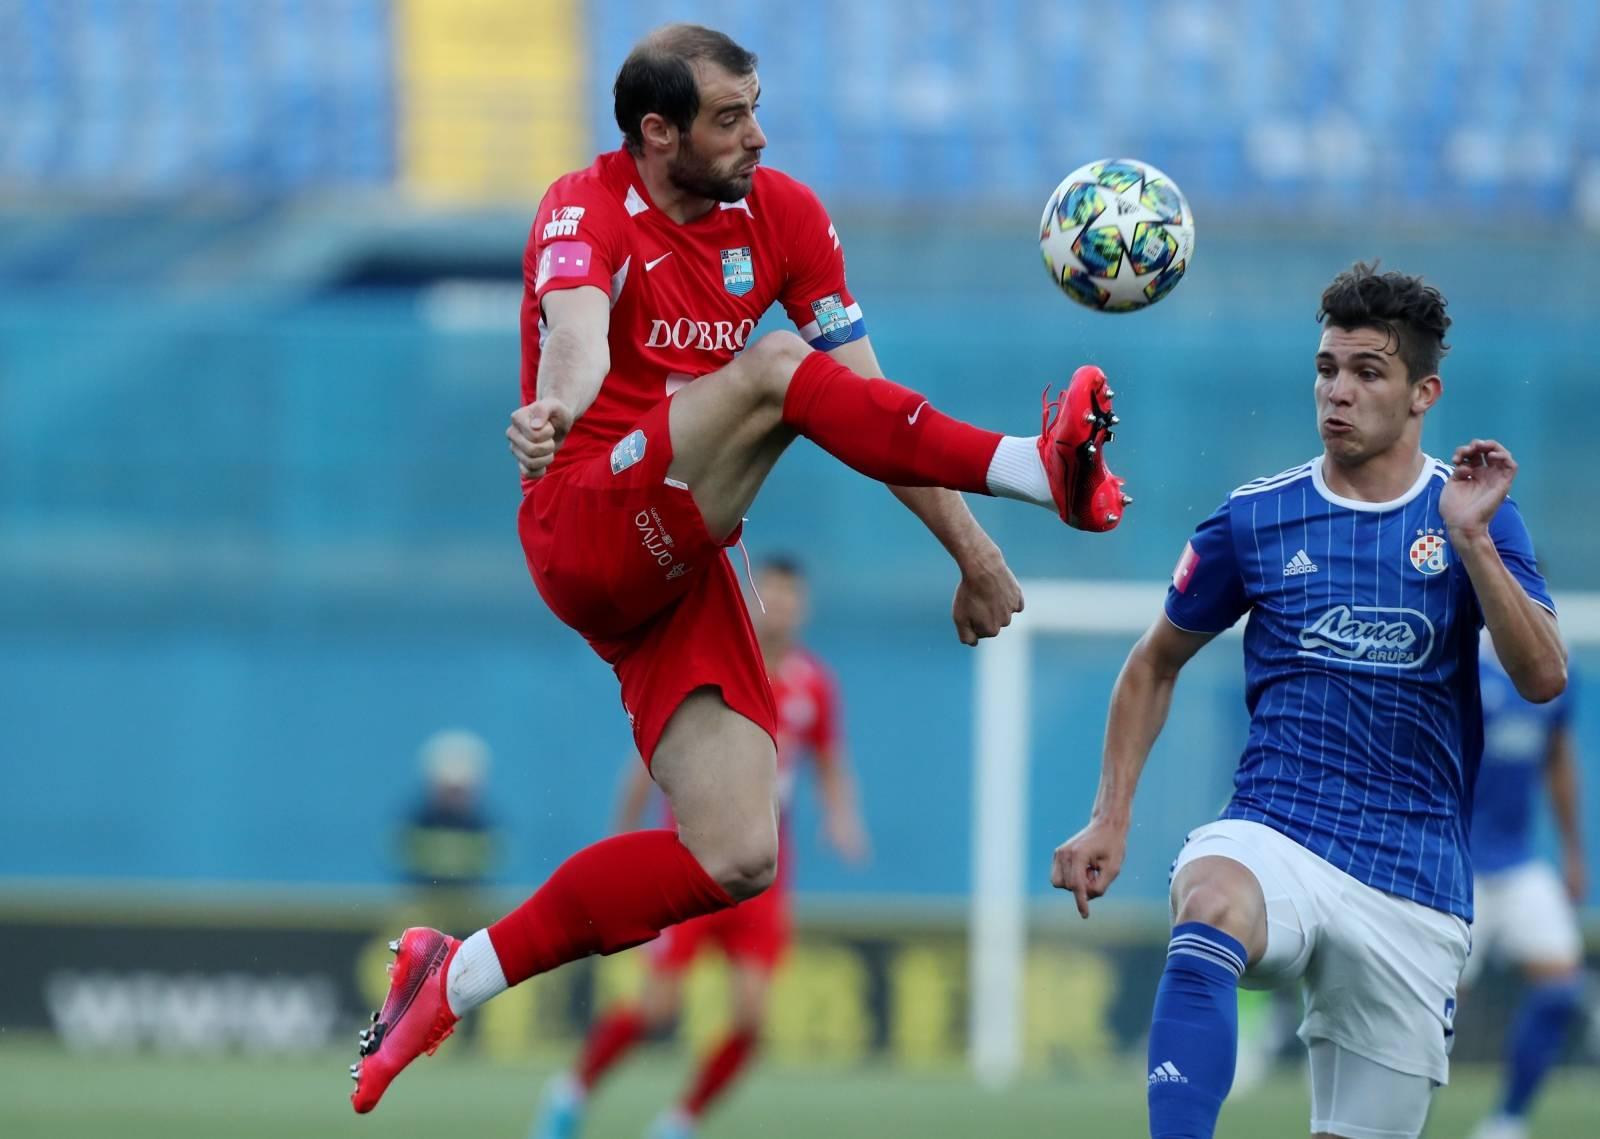 Druga Dinamova 'nula' u nizu, Osijek je na bod od Lige prvaka